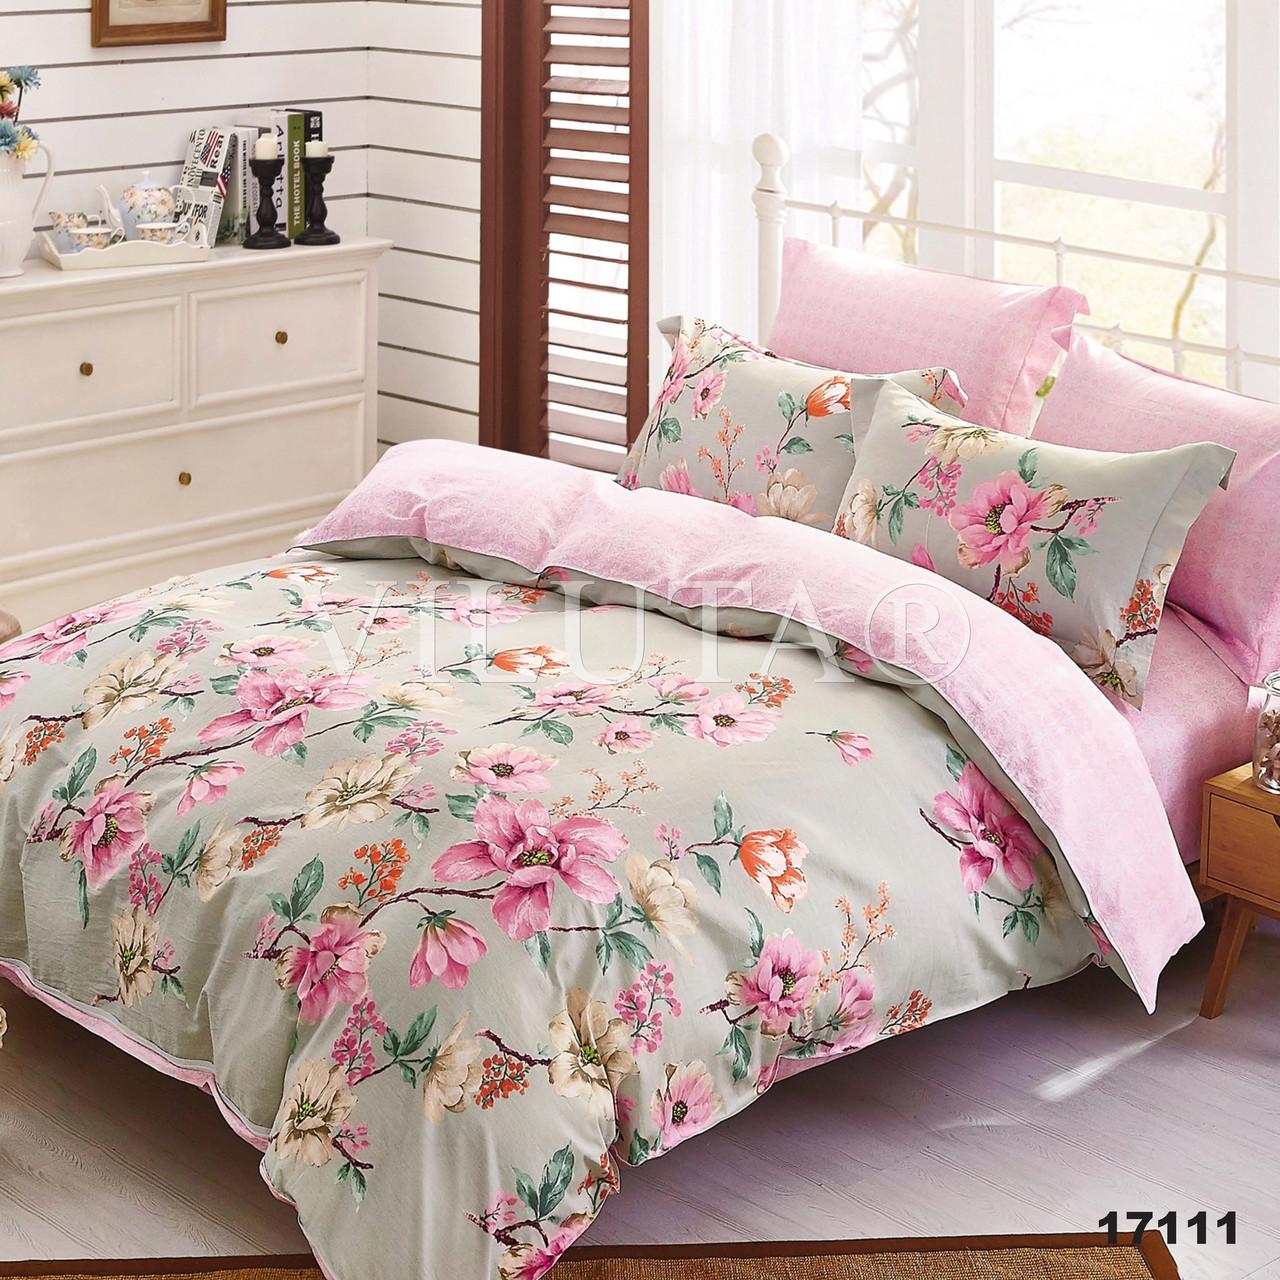 Двуспальное постельное белье Вилюта ранфорс 17111